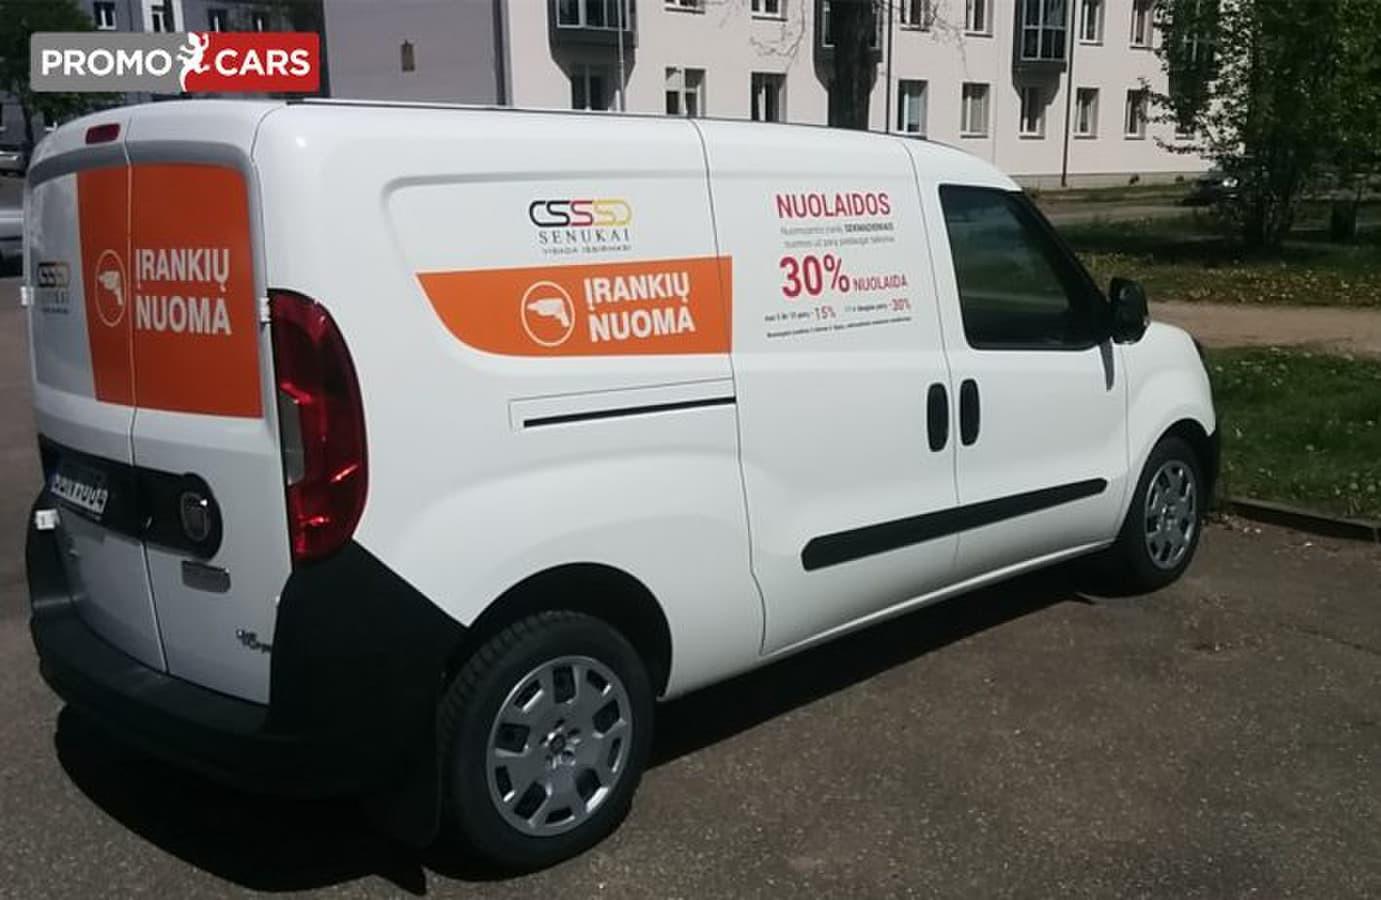 Transporto priemonių apklijavimas reklama, lipdukai ant automobilio, sunkvežimių apklijavimas ir nulupimas